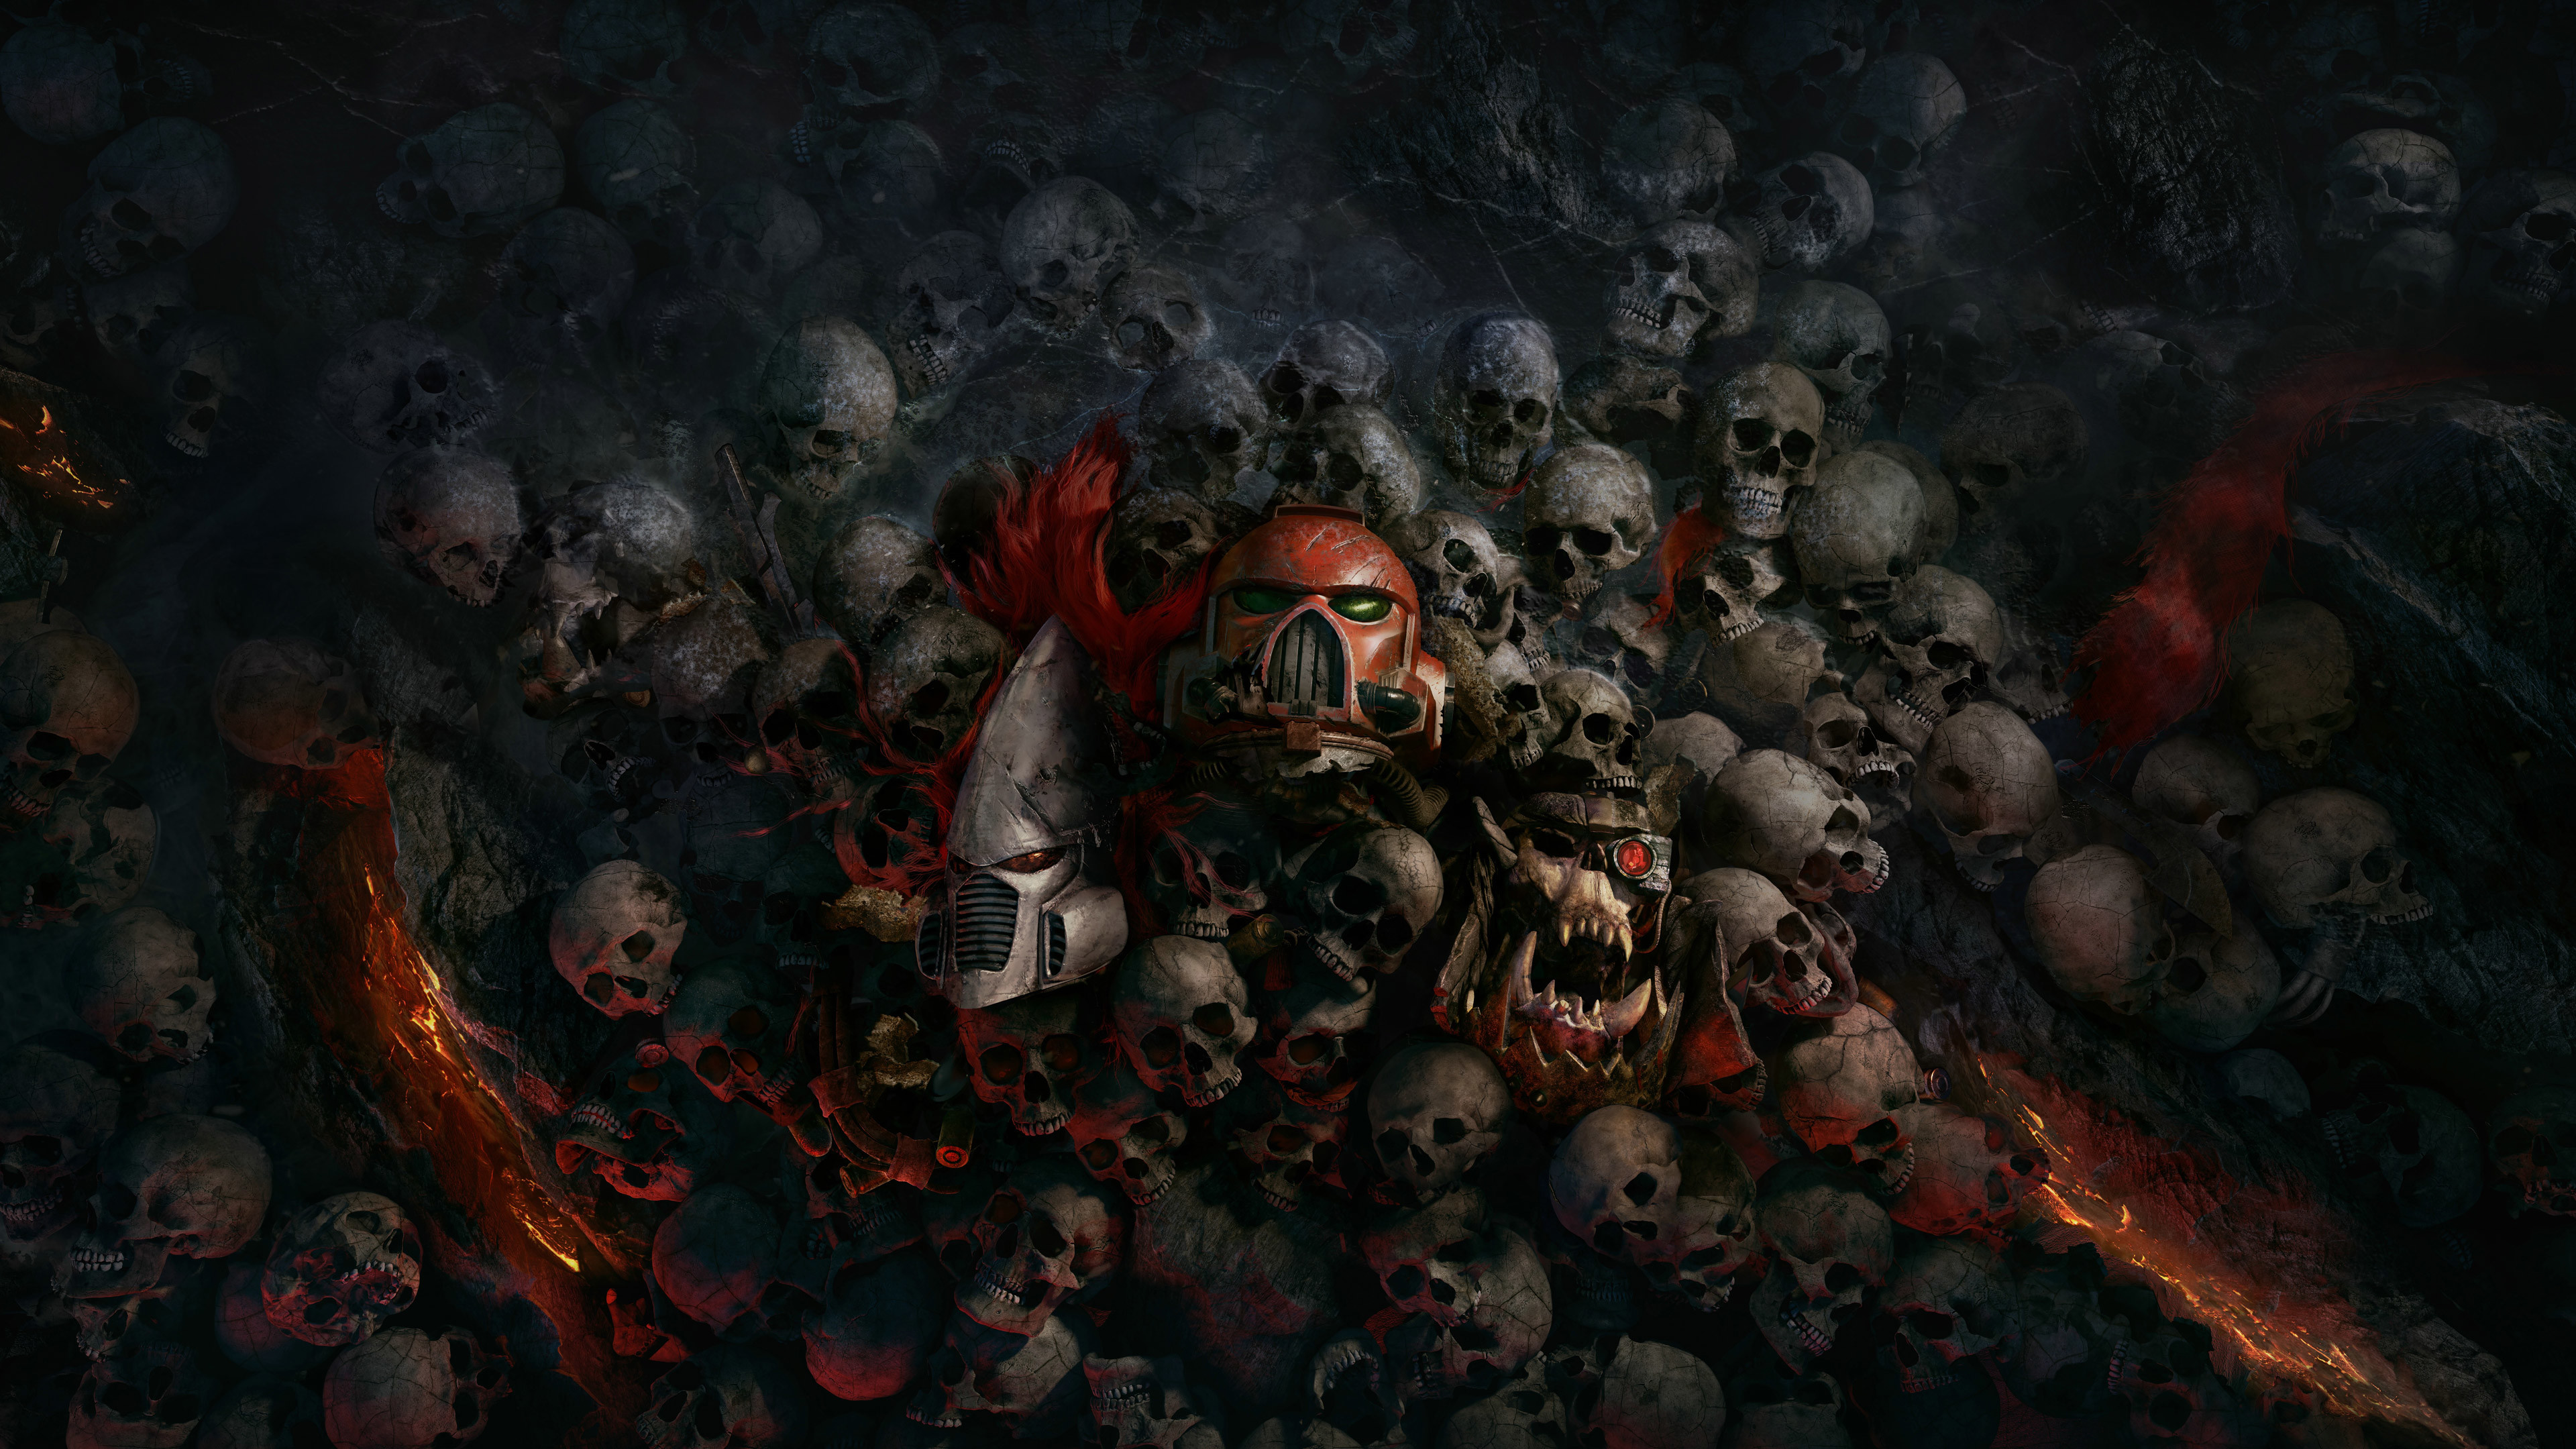 Res: 3840x2160, Skulls 4k